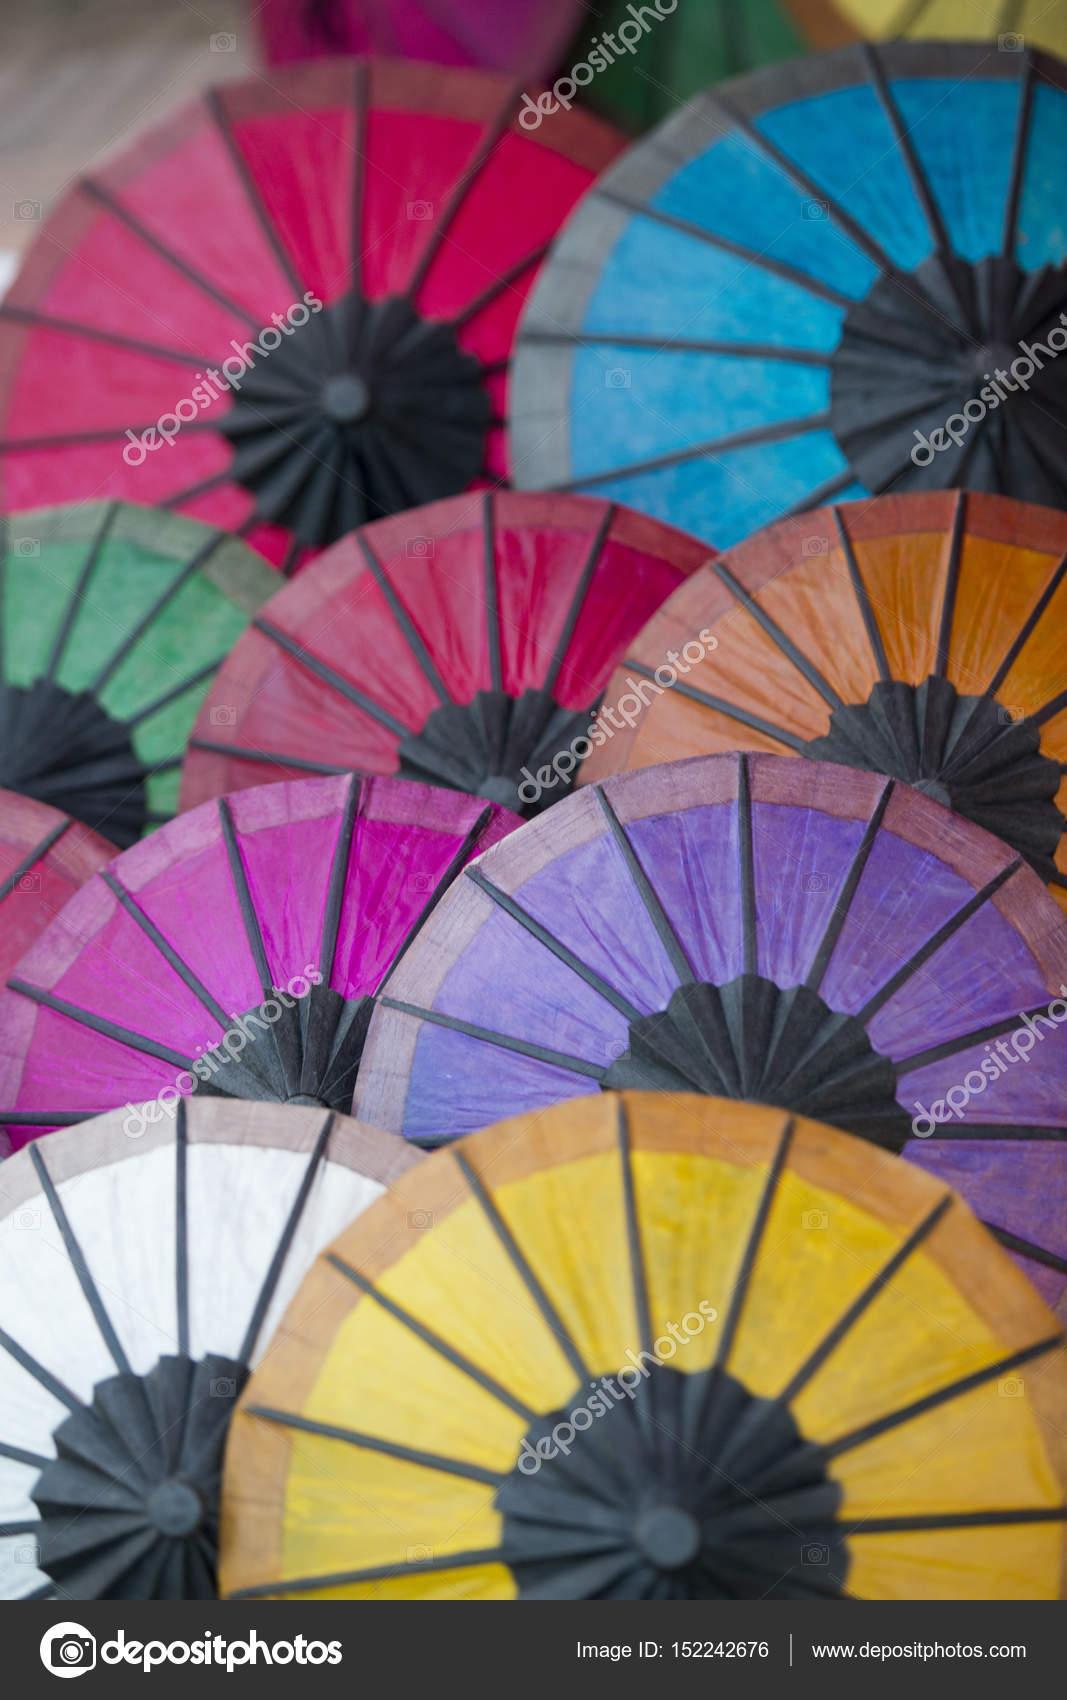 Asiatische Sonnenschirme asiatische sonnenschirme auf dem nachtmarkt stockfoto urf 152242676